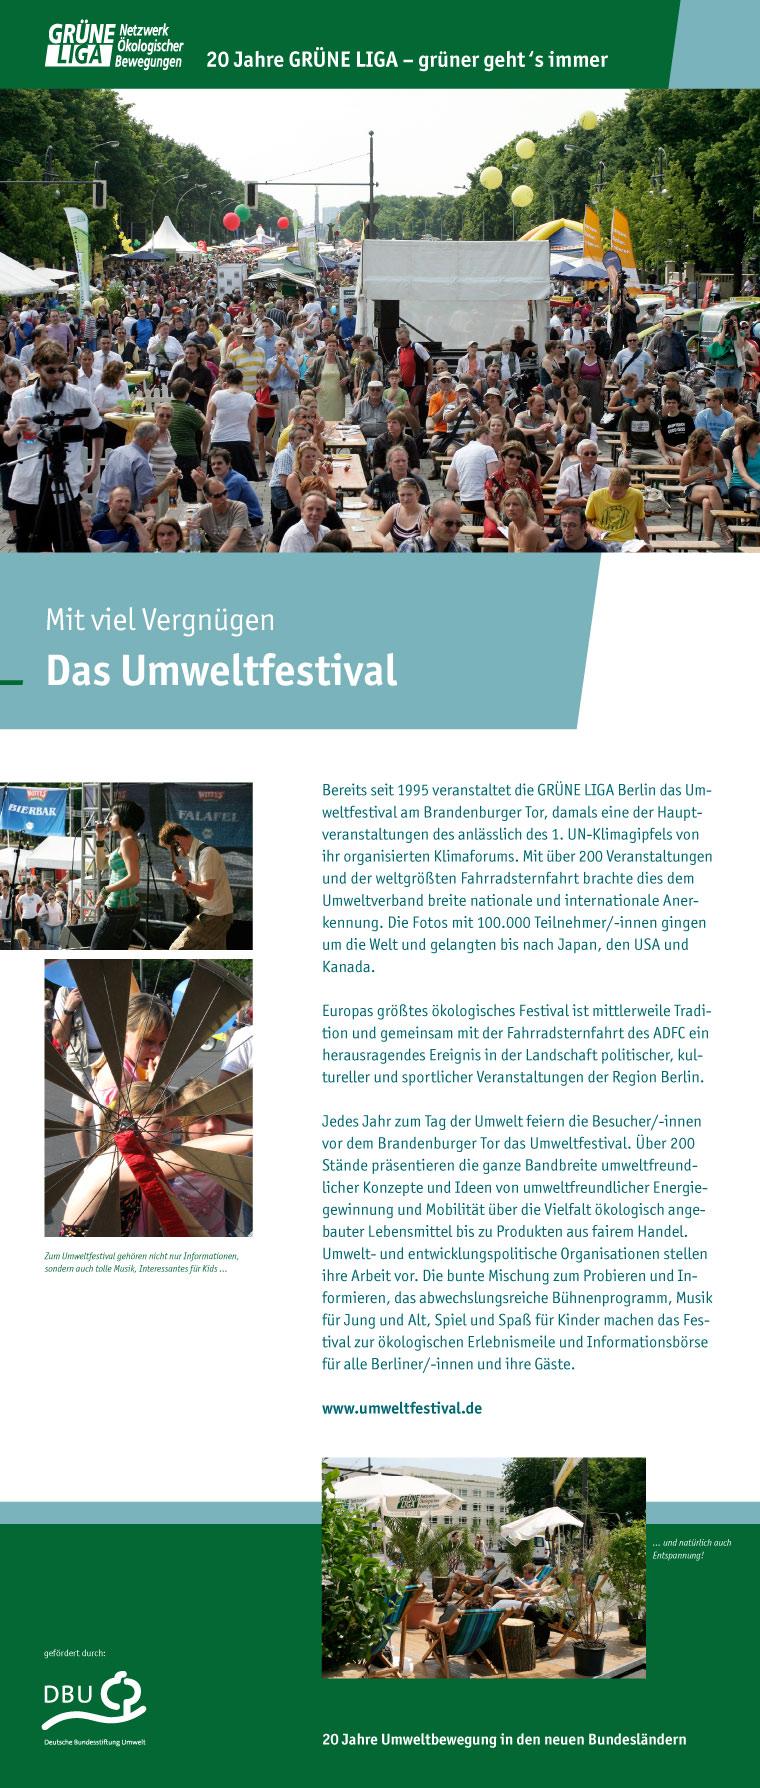 Mit viel Vergnügen - Das Umweltfestival